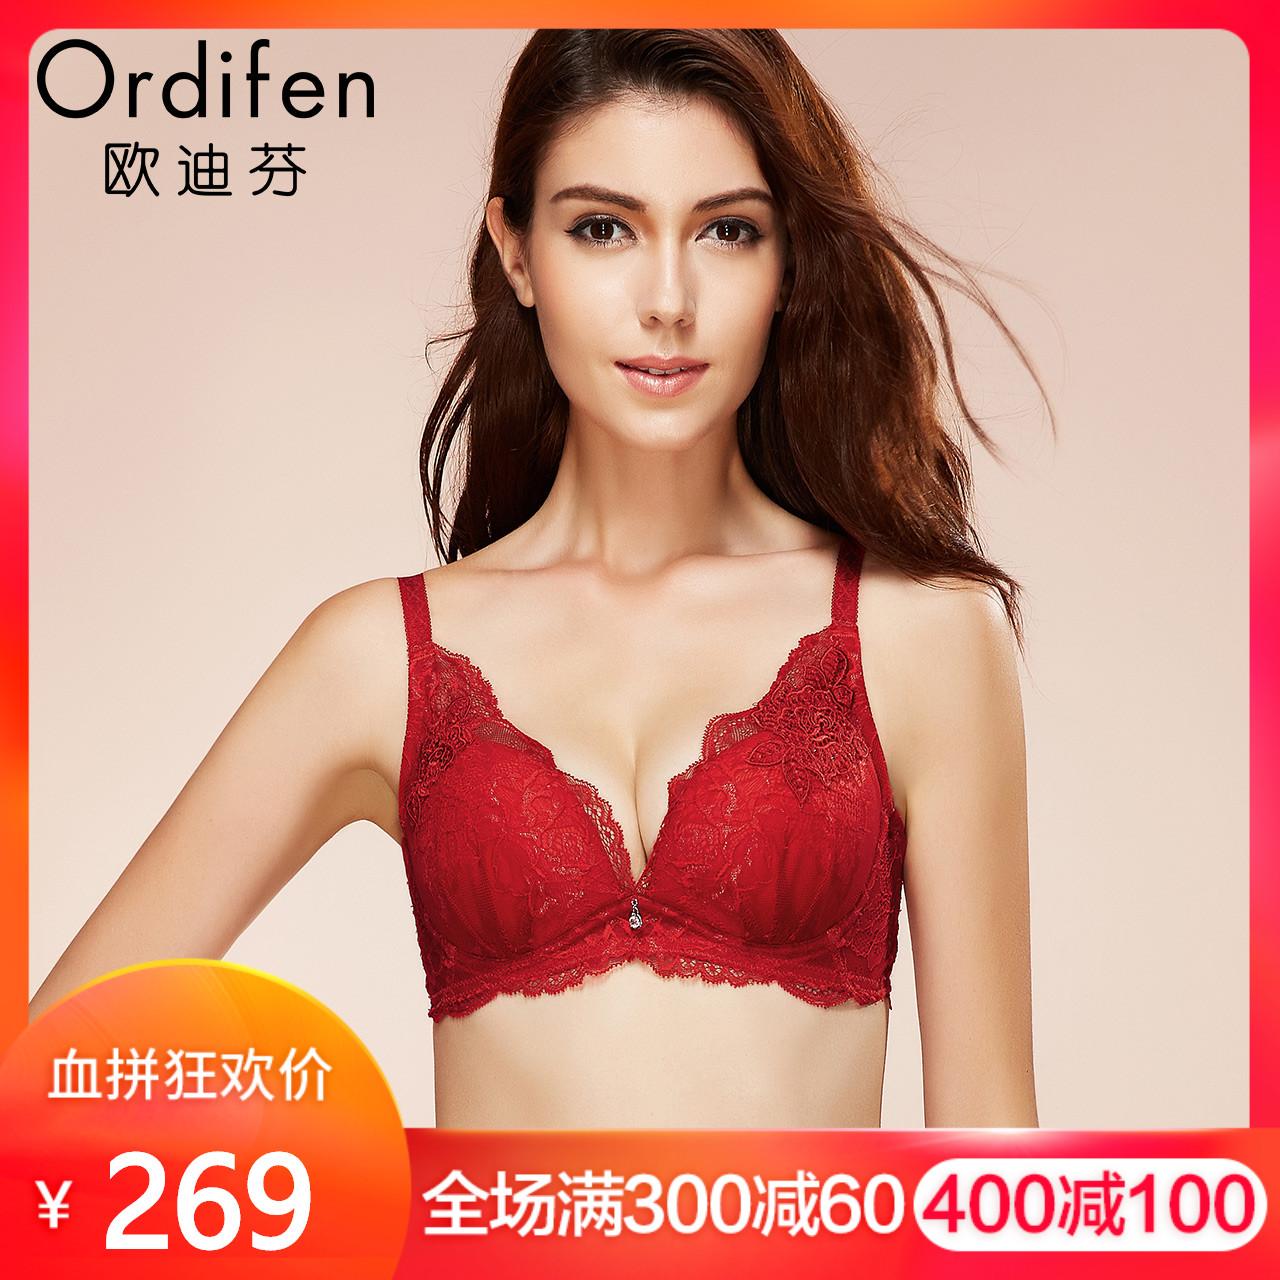 商场同款 欧迪芬蕾丝刺绣胸罩内衣女士按摩水袋聚拢文胸OB6139